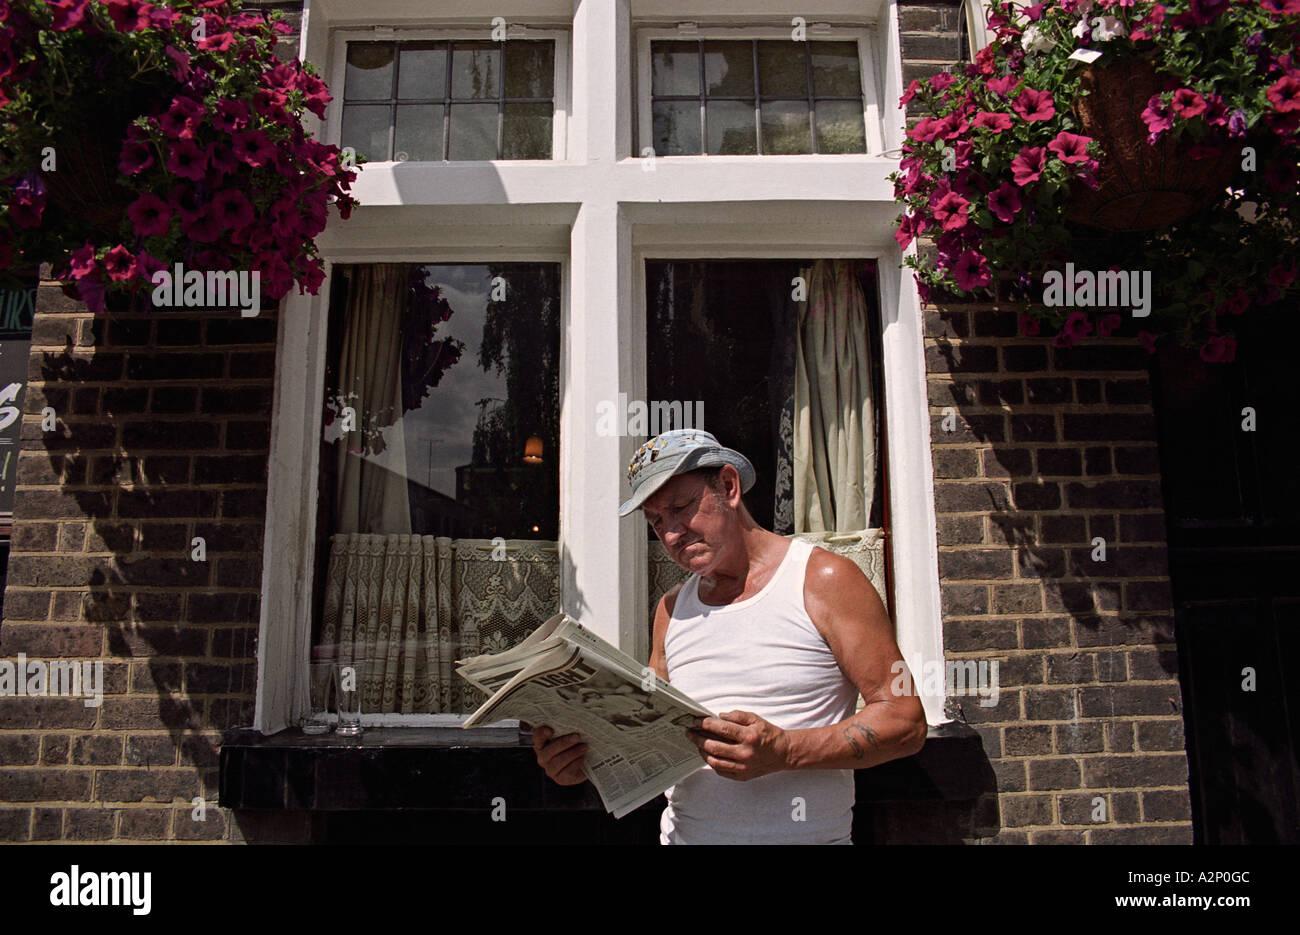 UK ENGLAND LONDON Man reading newspaper outside pub on fringe of Columbia Road flower market. Sunday lunchtime. Summer - Stock Image